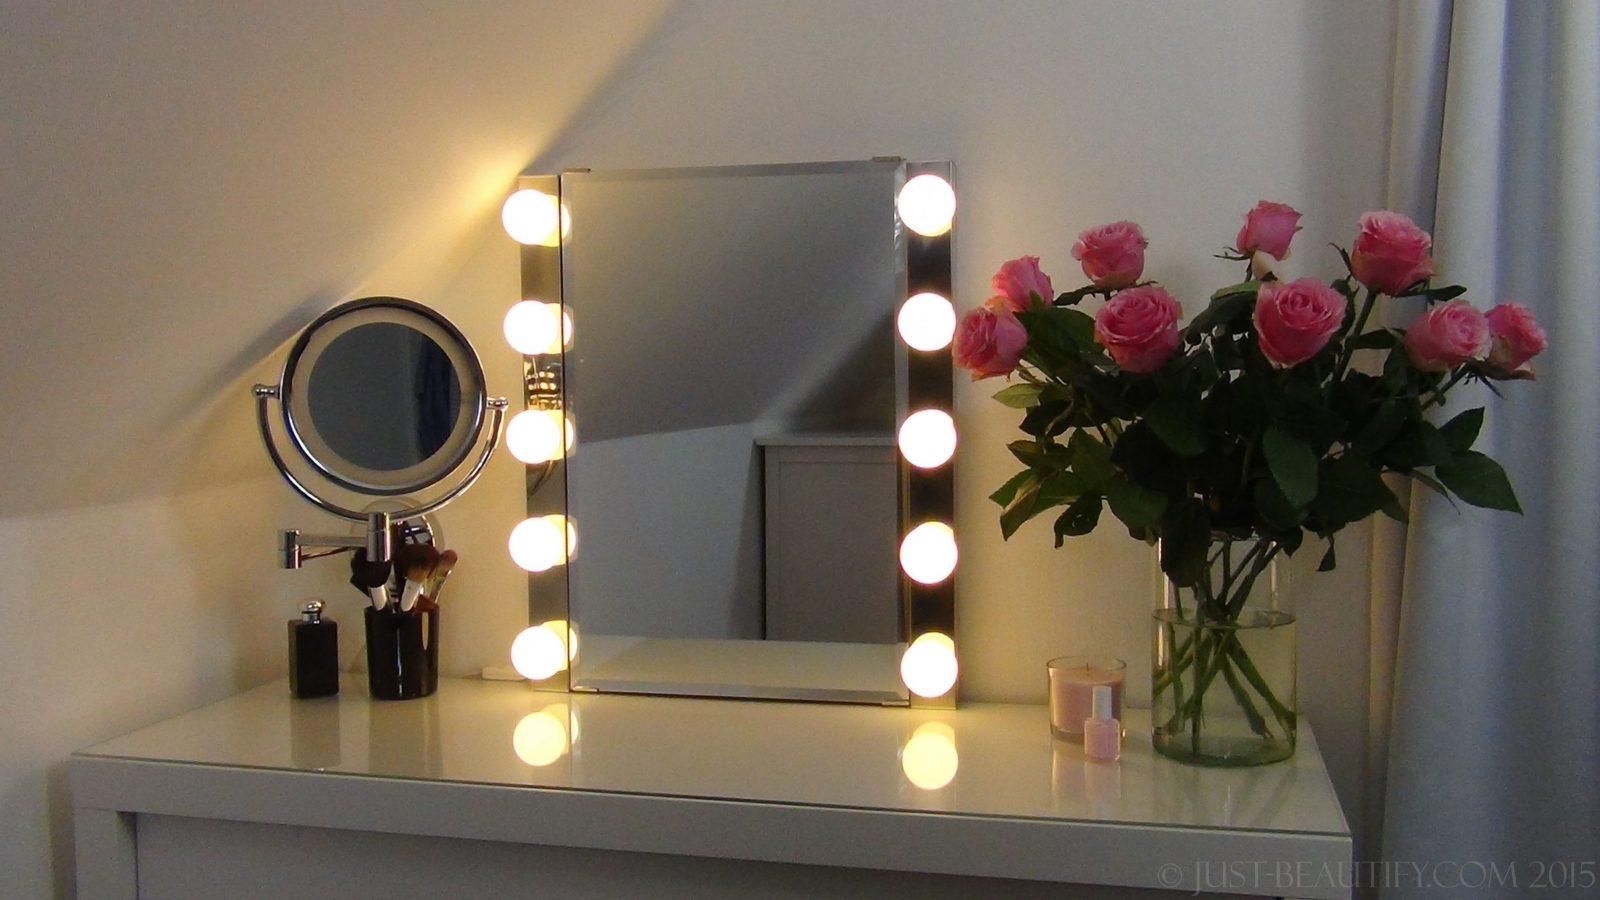 Von Schminktisch Mit Beleuchtung Bauen Spiegel Theater Mein von Schminktisch Beleuchtung Selber Bauen Bild